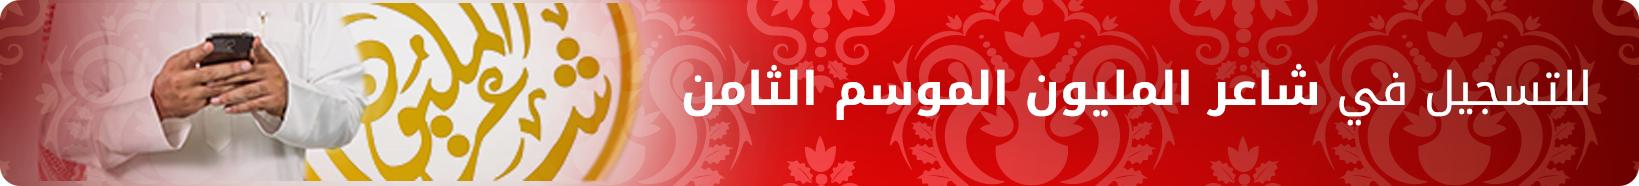 للتسجيل في شاعر المليون الموسم الثامن